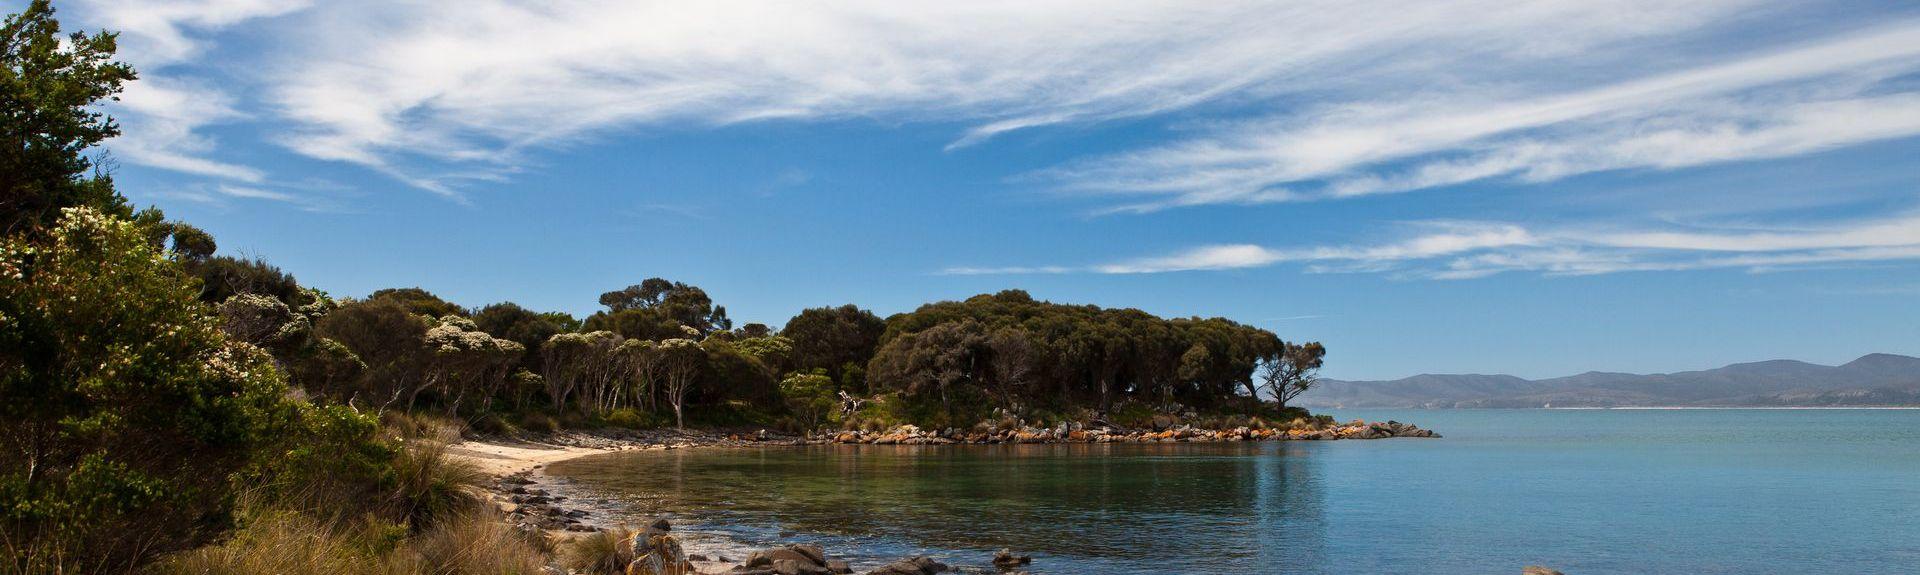 Activité ludique Bass Strait Maritime Centre, Devonport, Tasmanie, Australie